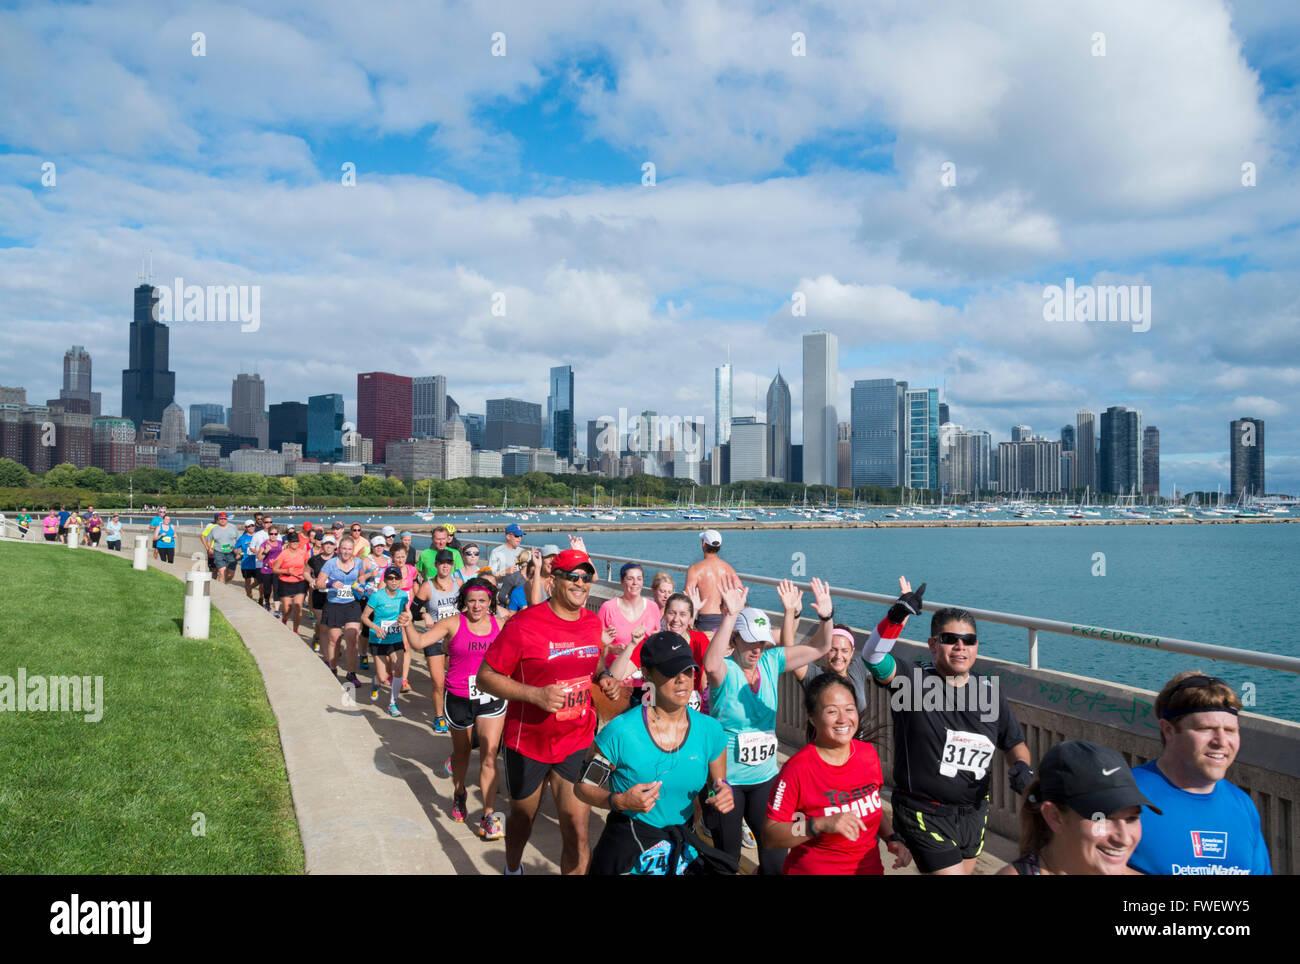 La Maratón de Chicago a lo largo de la orilla del lago, el centro de Chicago, Illinois, Estados Unidos de América, Imagen De Stock